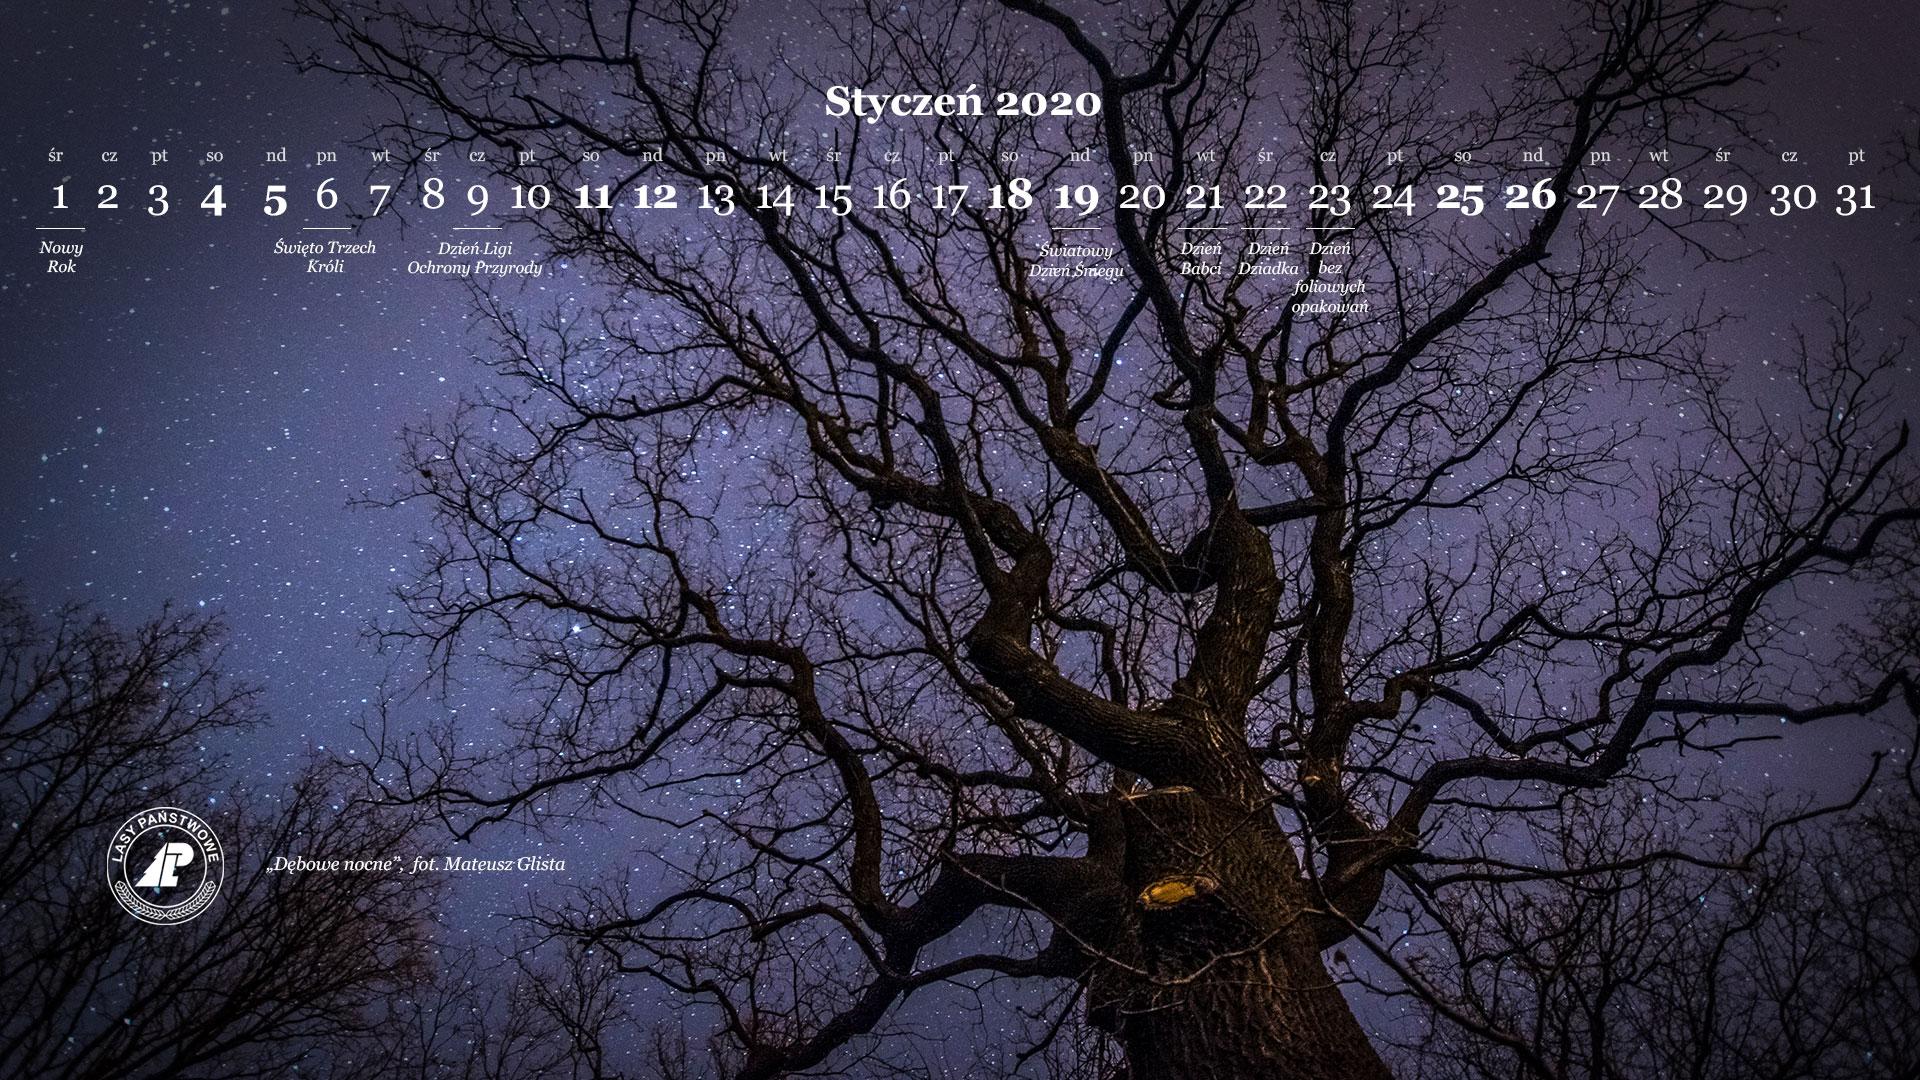 kalendarz_styczen_2020_1920x1080.jpg